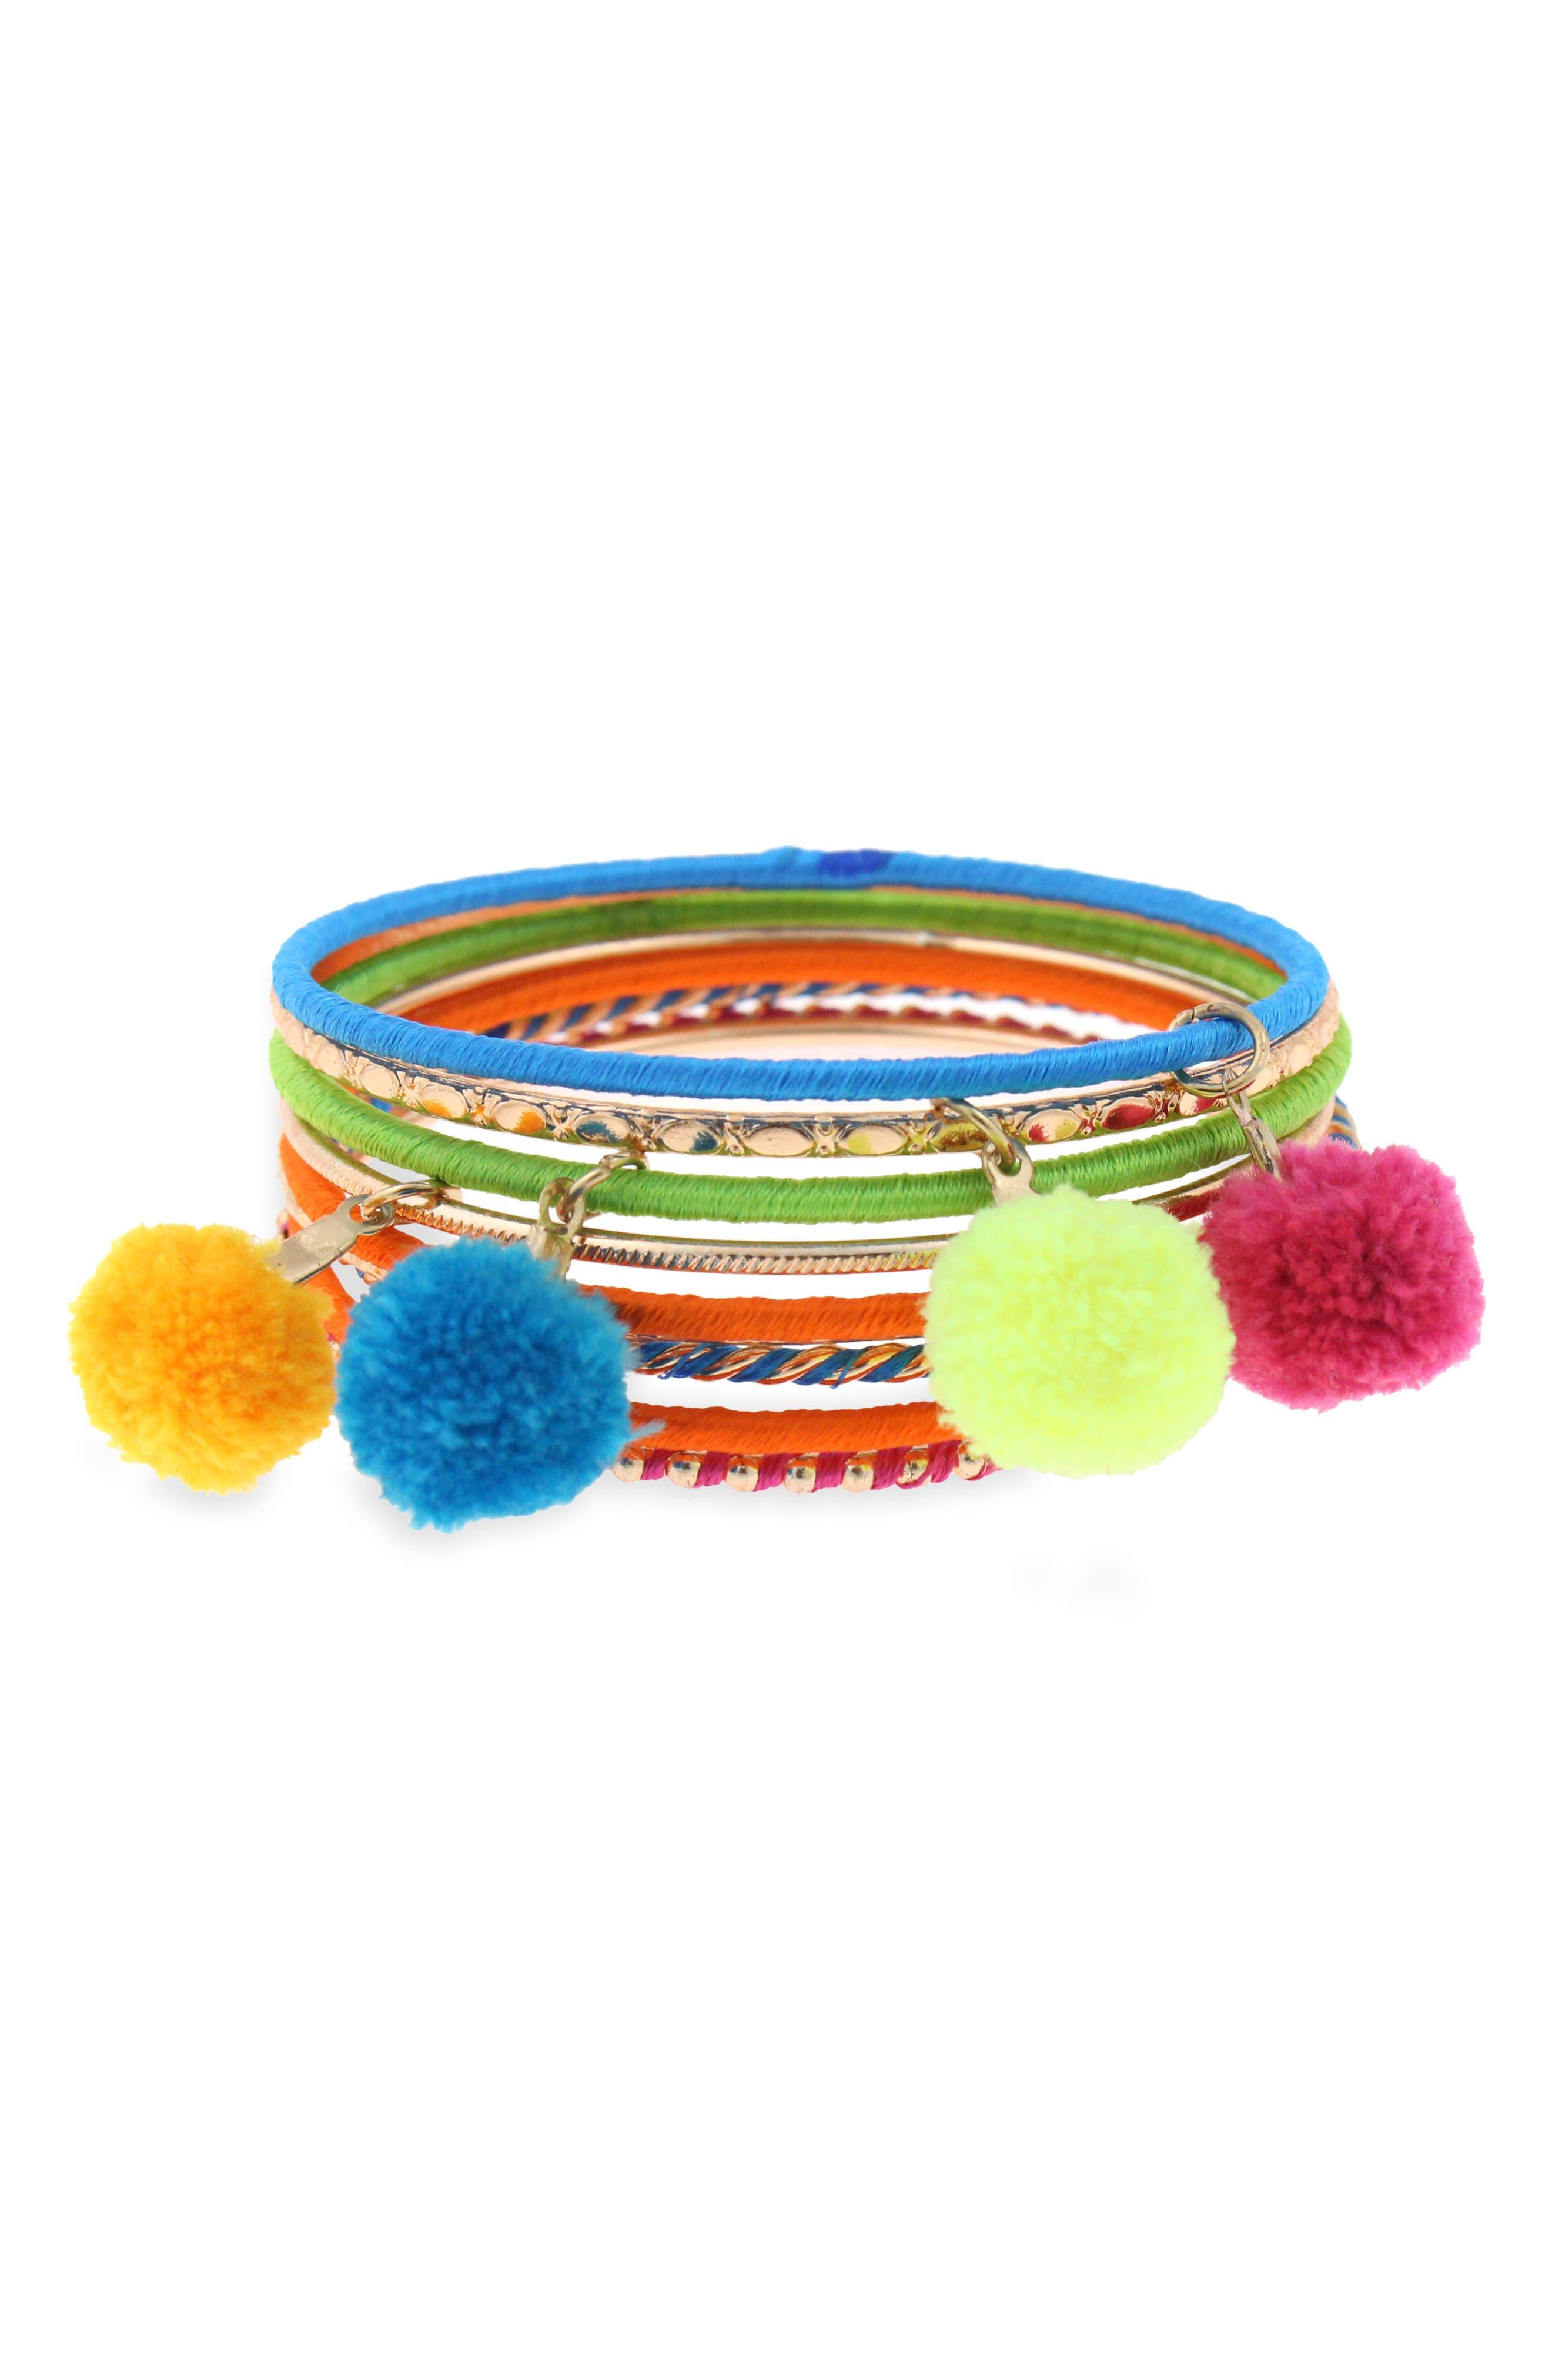 Main Image - Capelli New York Set of 9 Bangle Bracelets